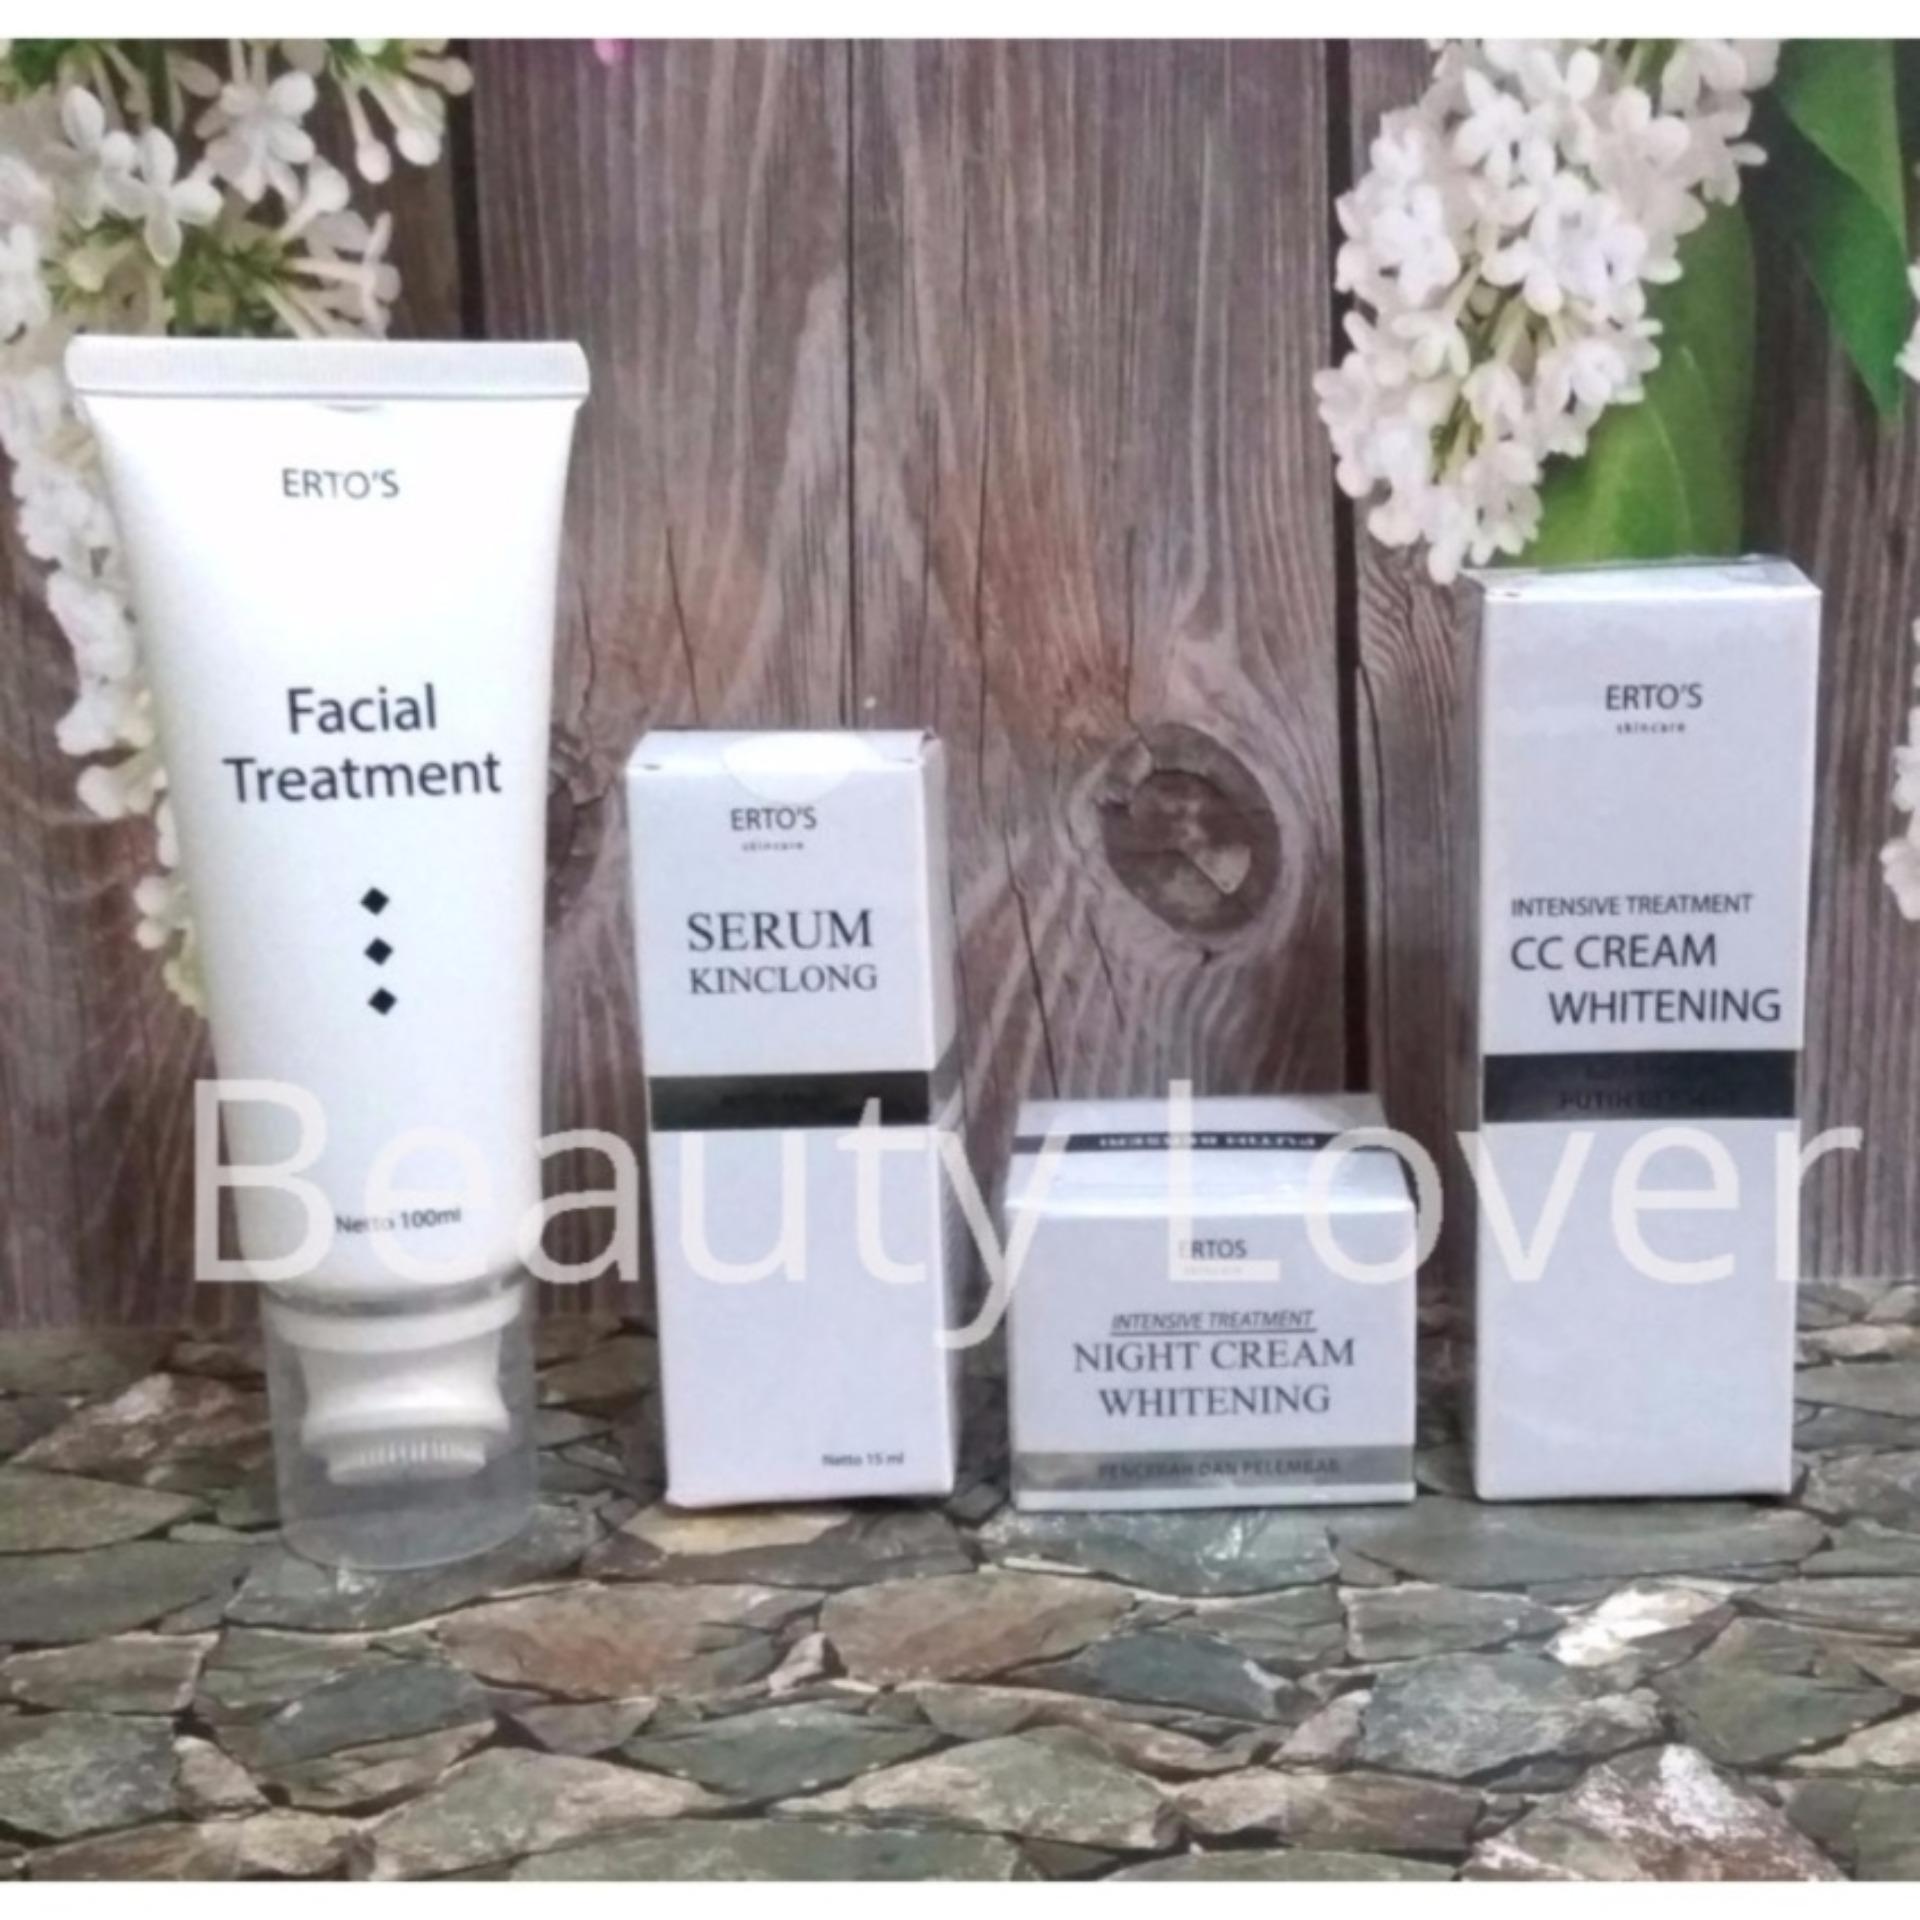 Ertos Paket Glowing Cc Cream Night Serum Kinclong Facial Hemat Kekinian Treatment And